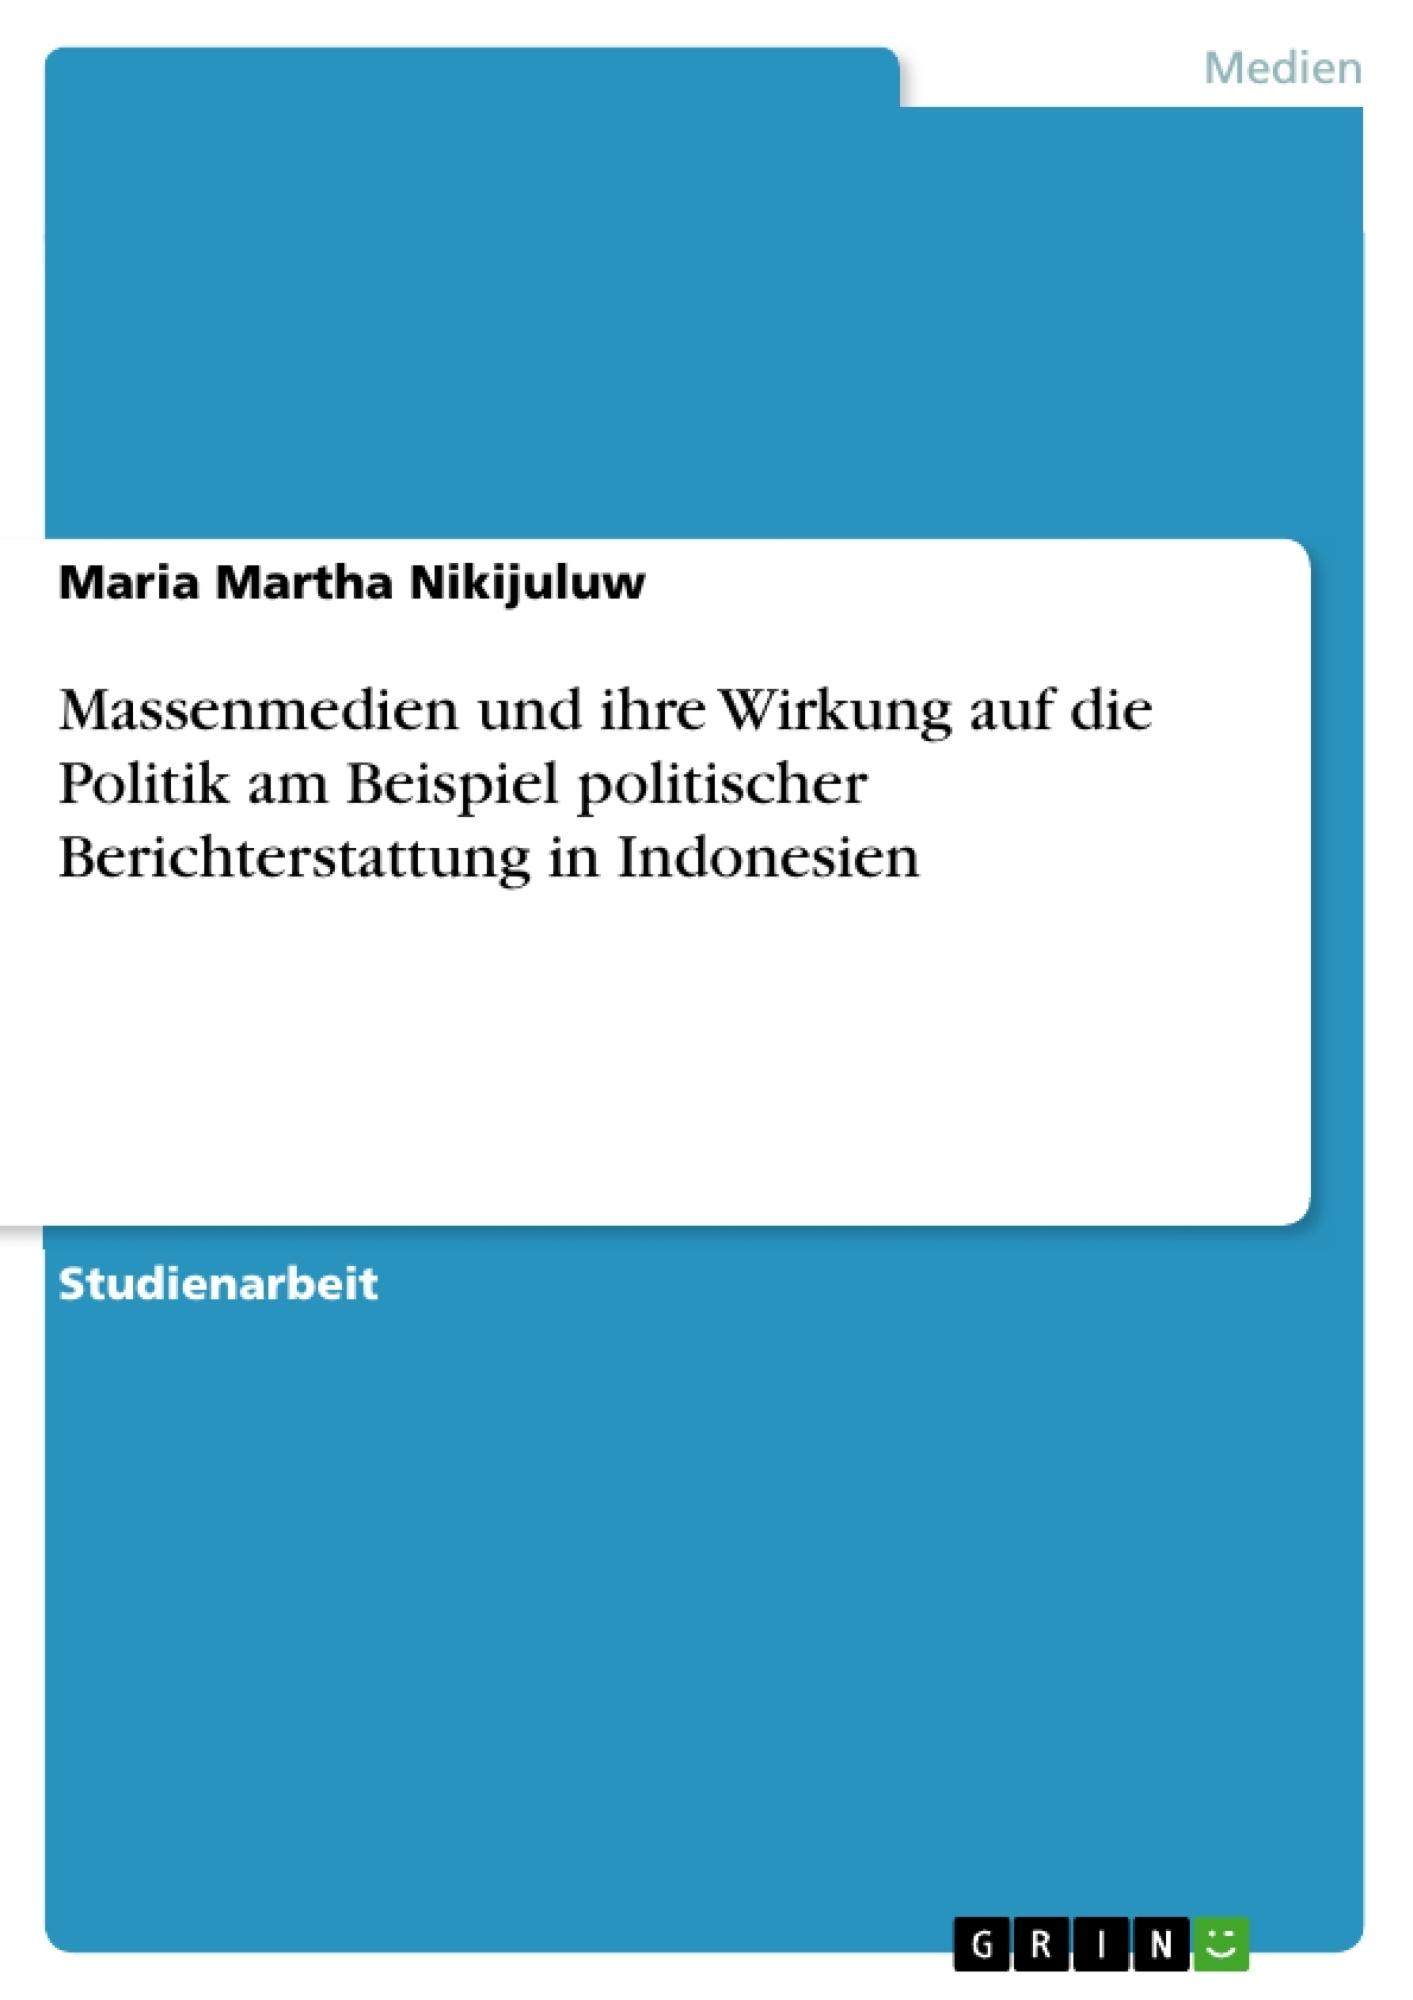 Titel: Massenmedien und ihre Wirkung auf die Politik am Beispiel politischer  Berichterstattung in Indonesien